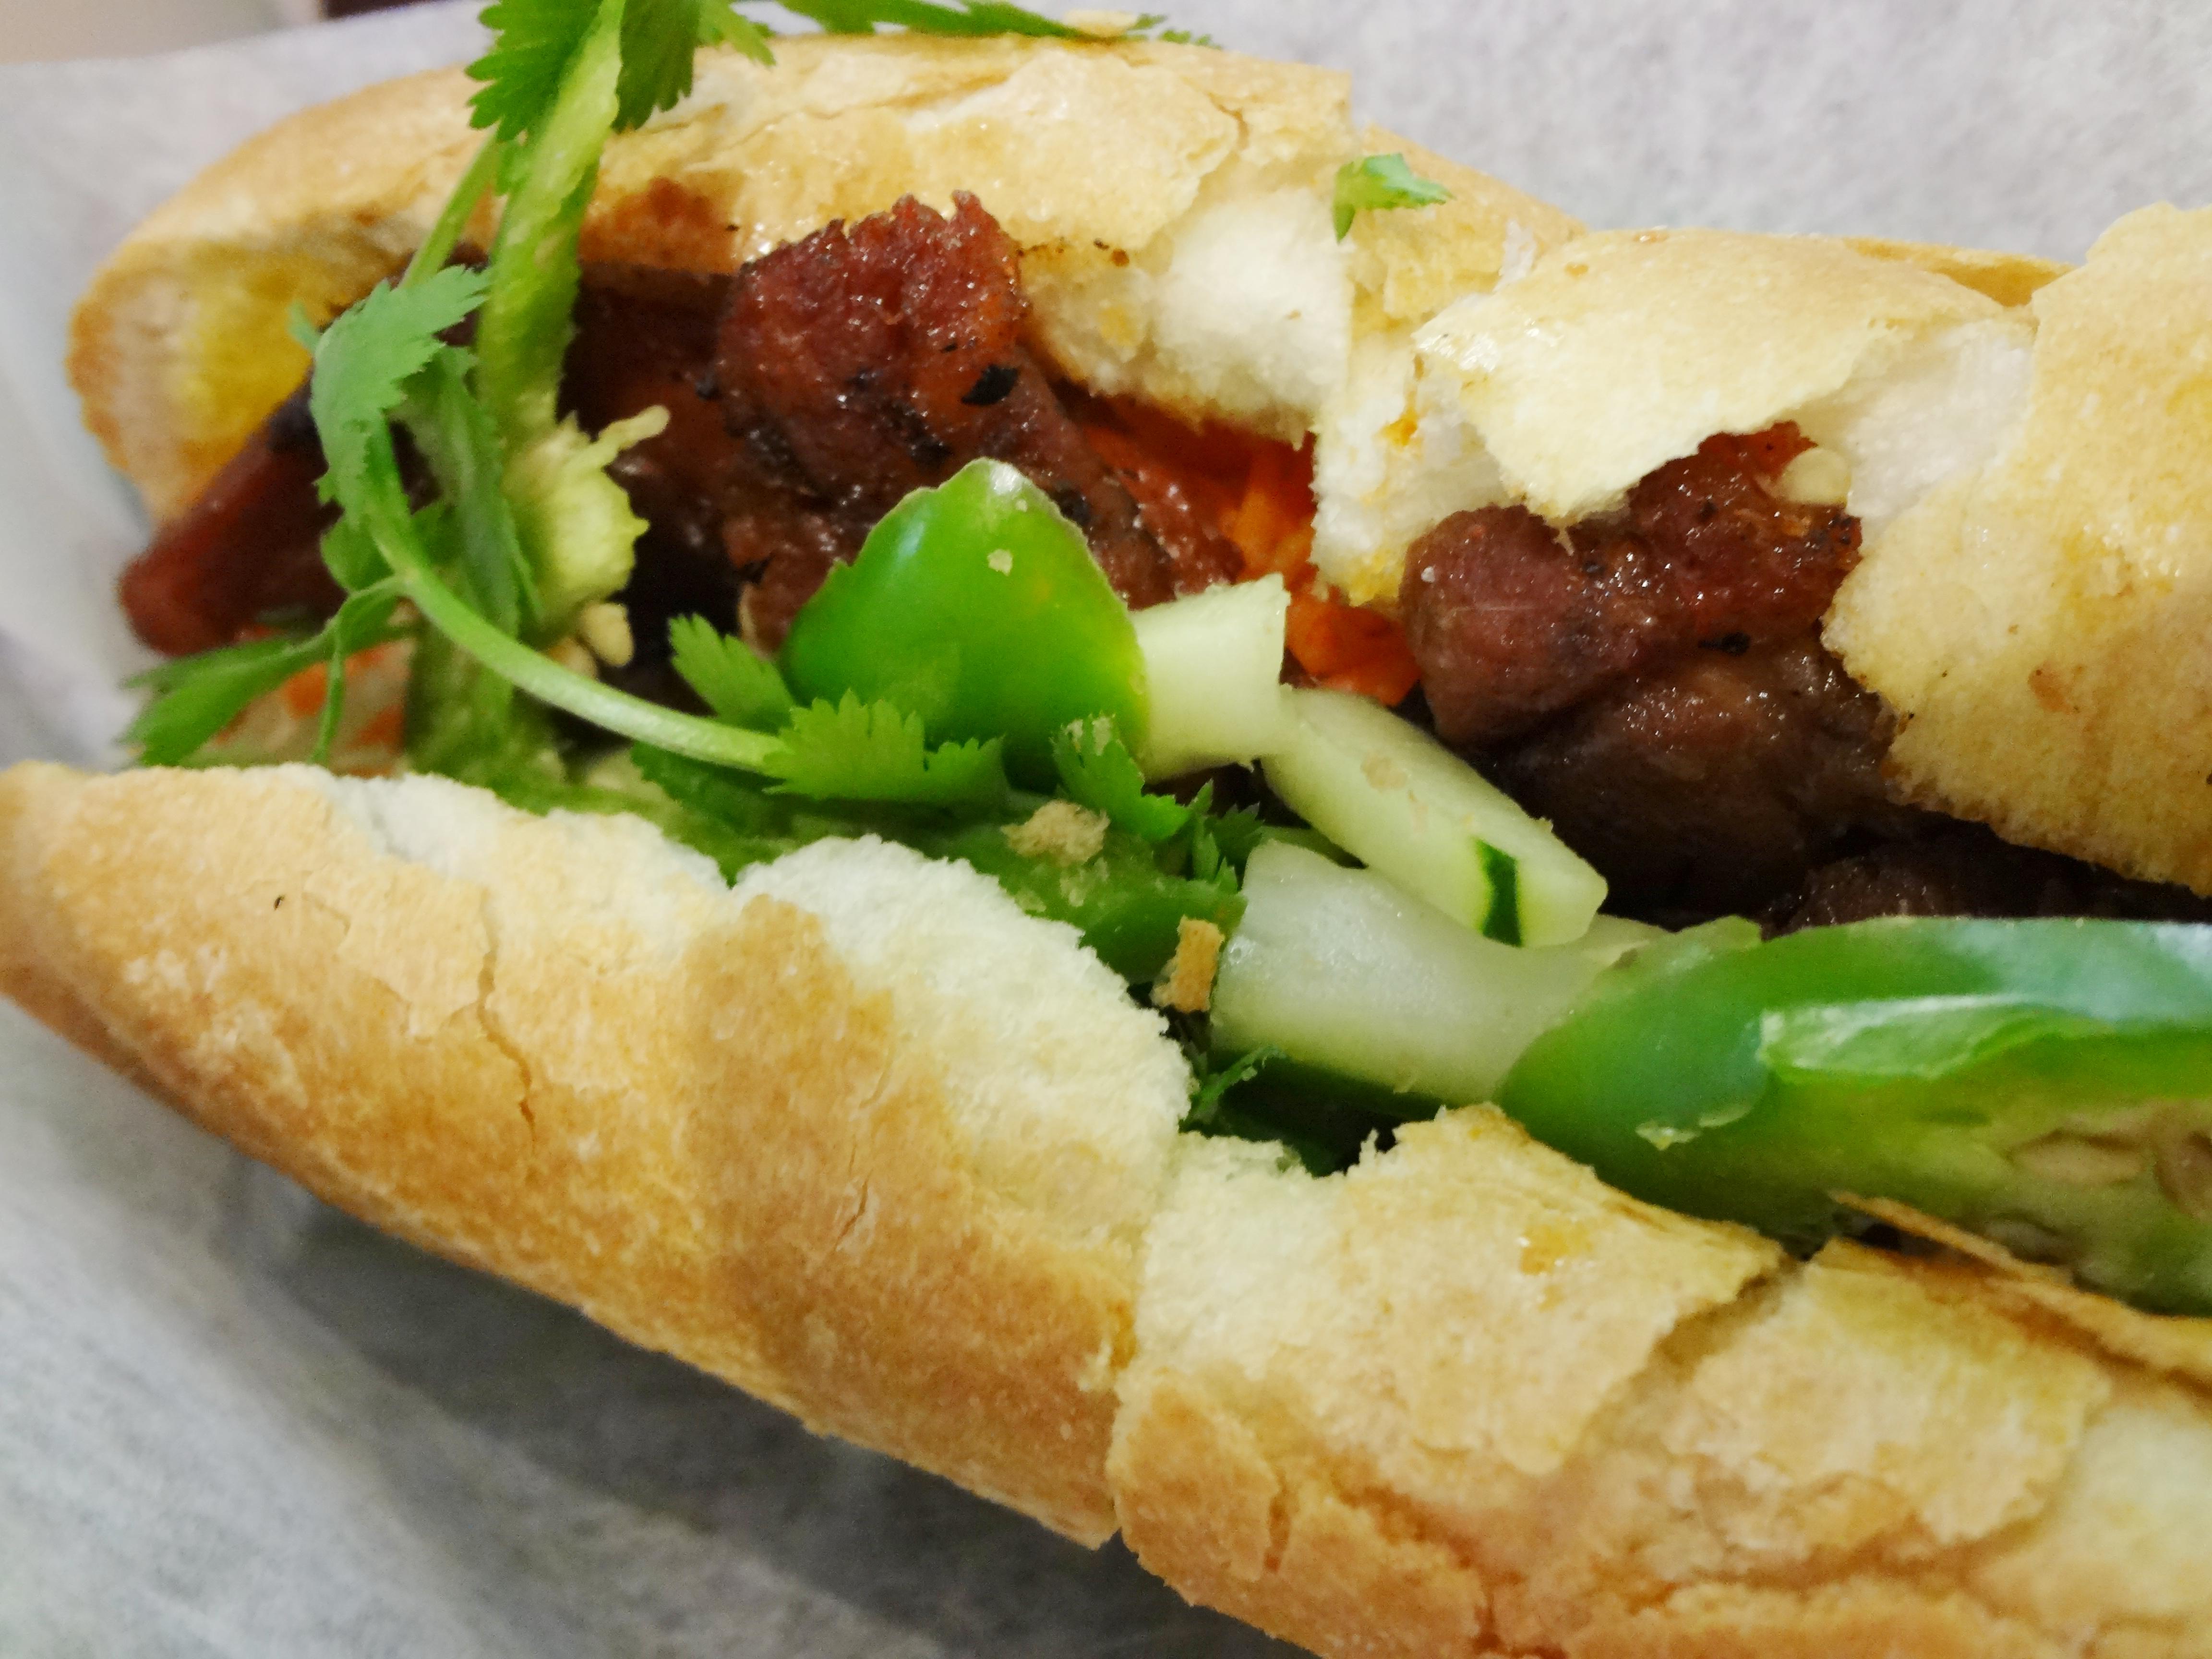 Bahn mi thit nuong - grilled pork sandwich